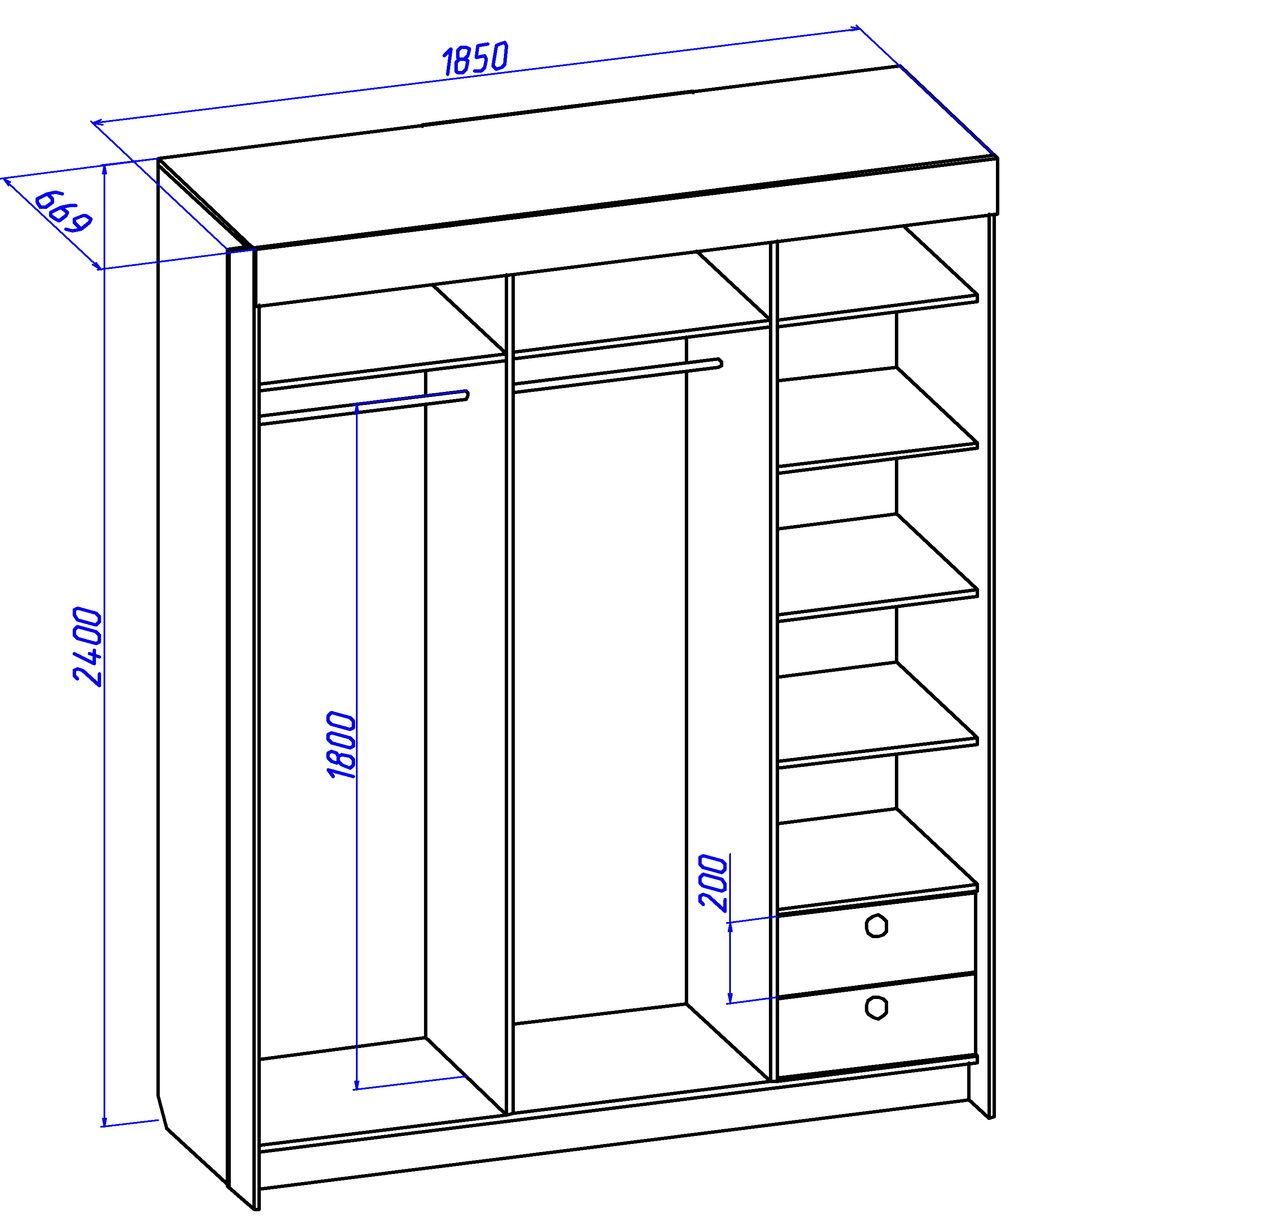 Шкаф купе с размерами для одежды фото.